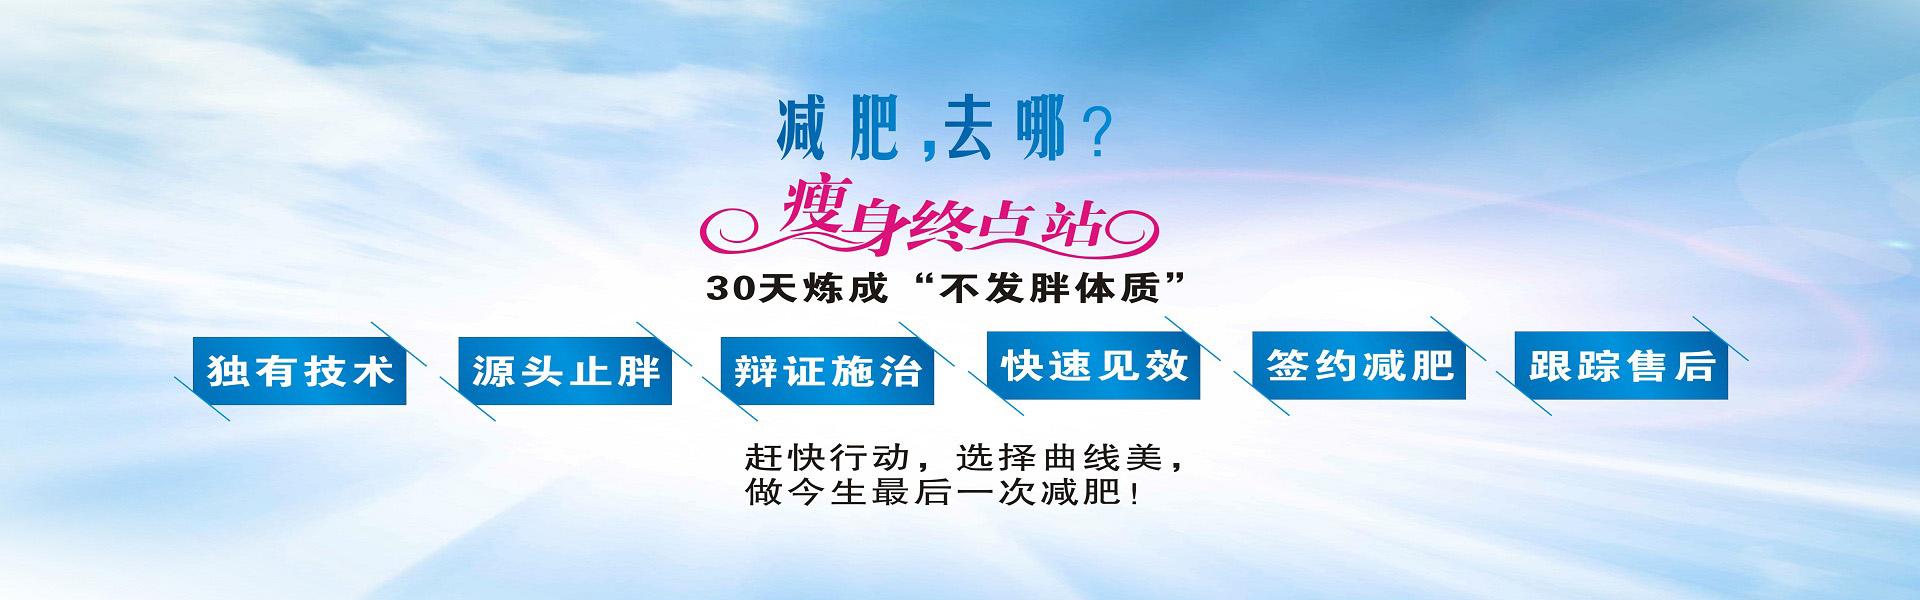 香港曲线美有助于调节体脂纤体加盟